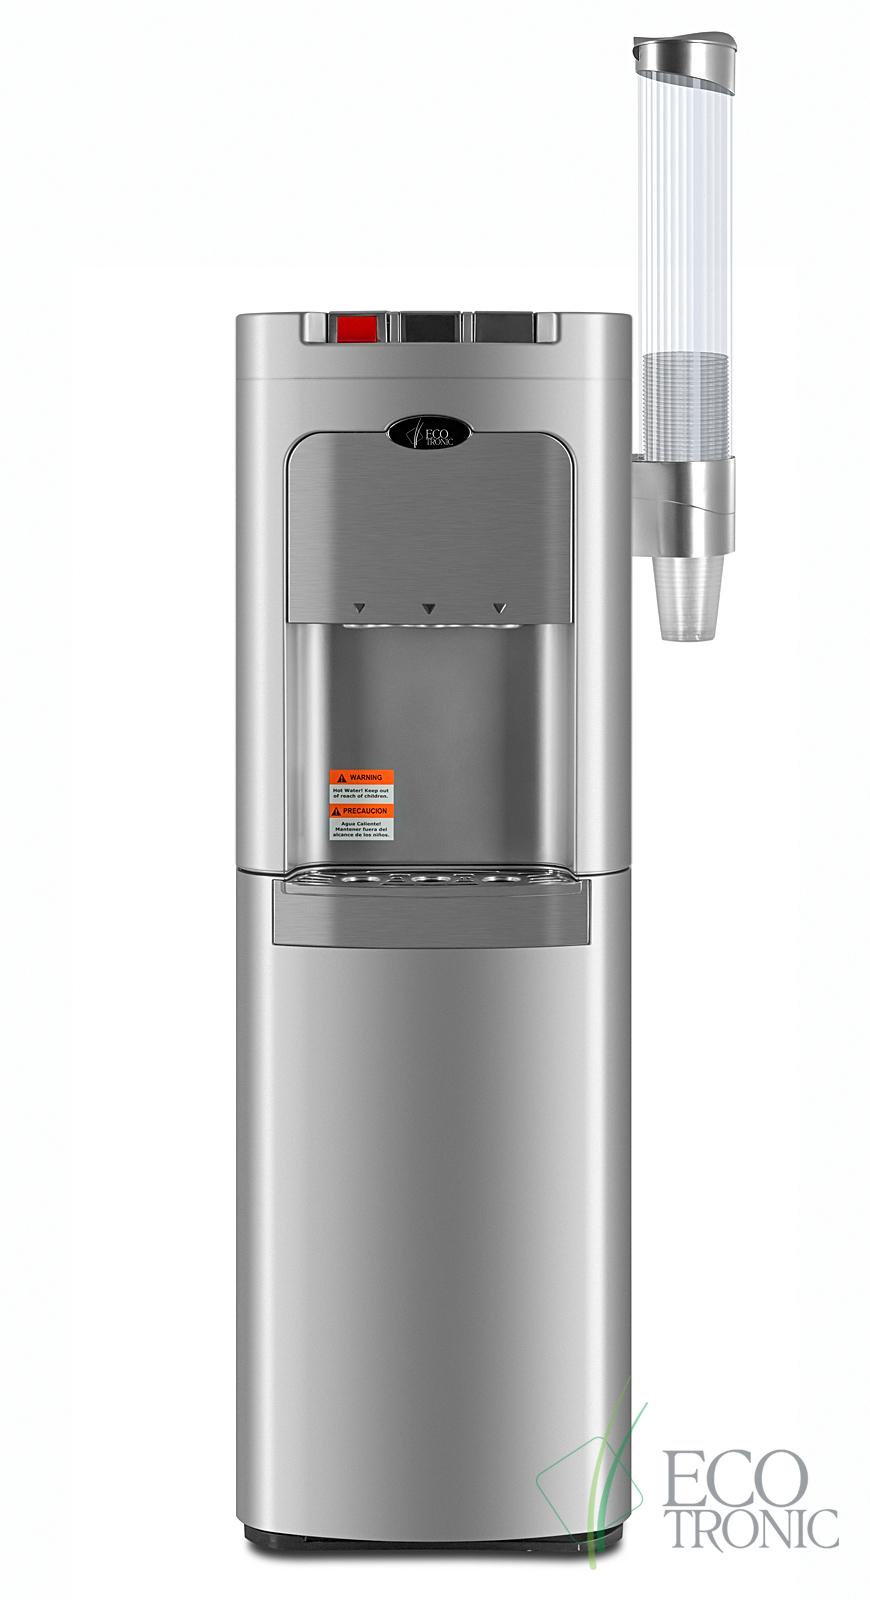 Кулер Ecotronic C8-LX silver с нижней загрузкой бутыли